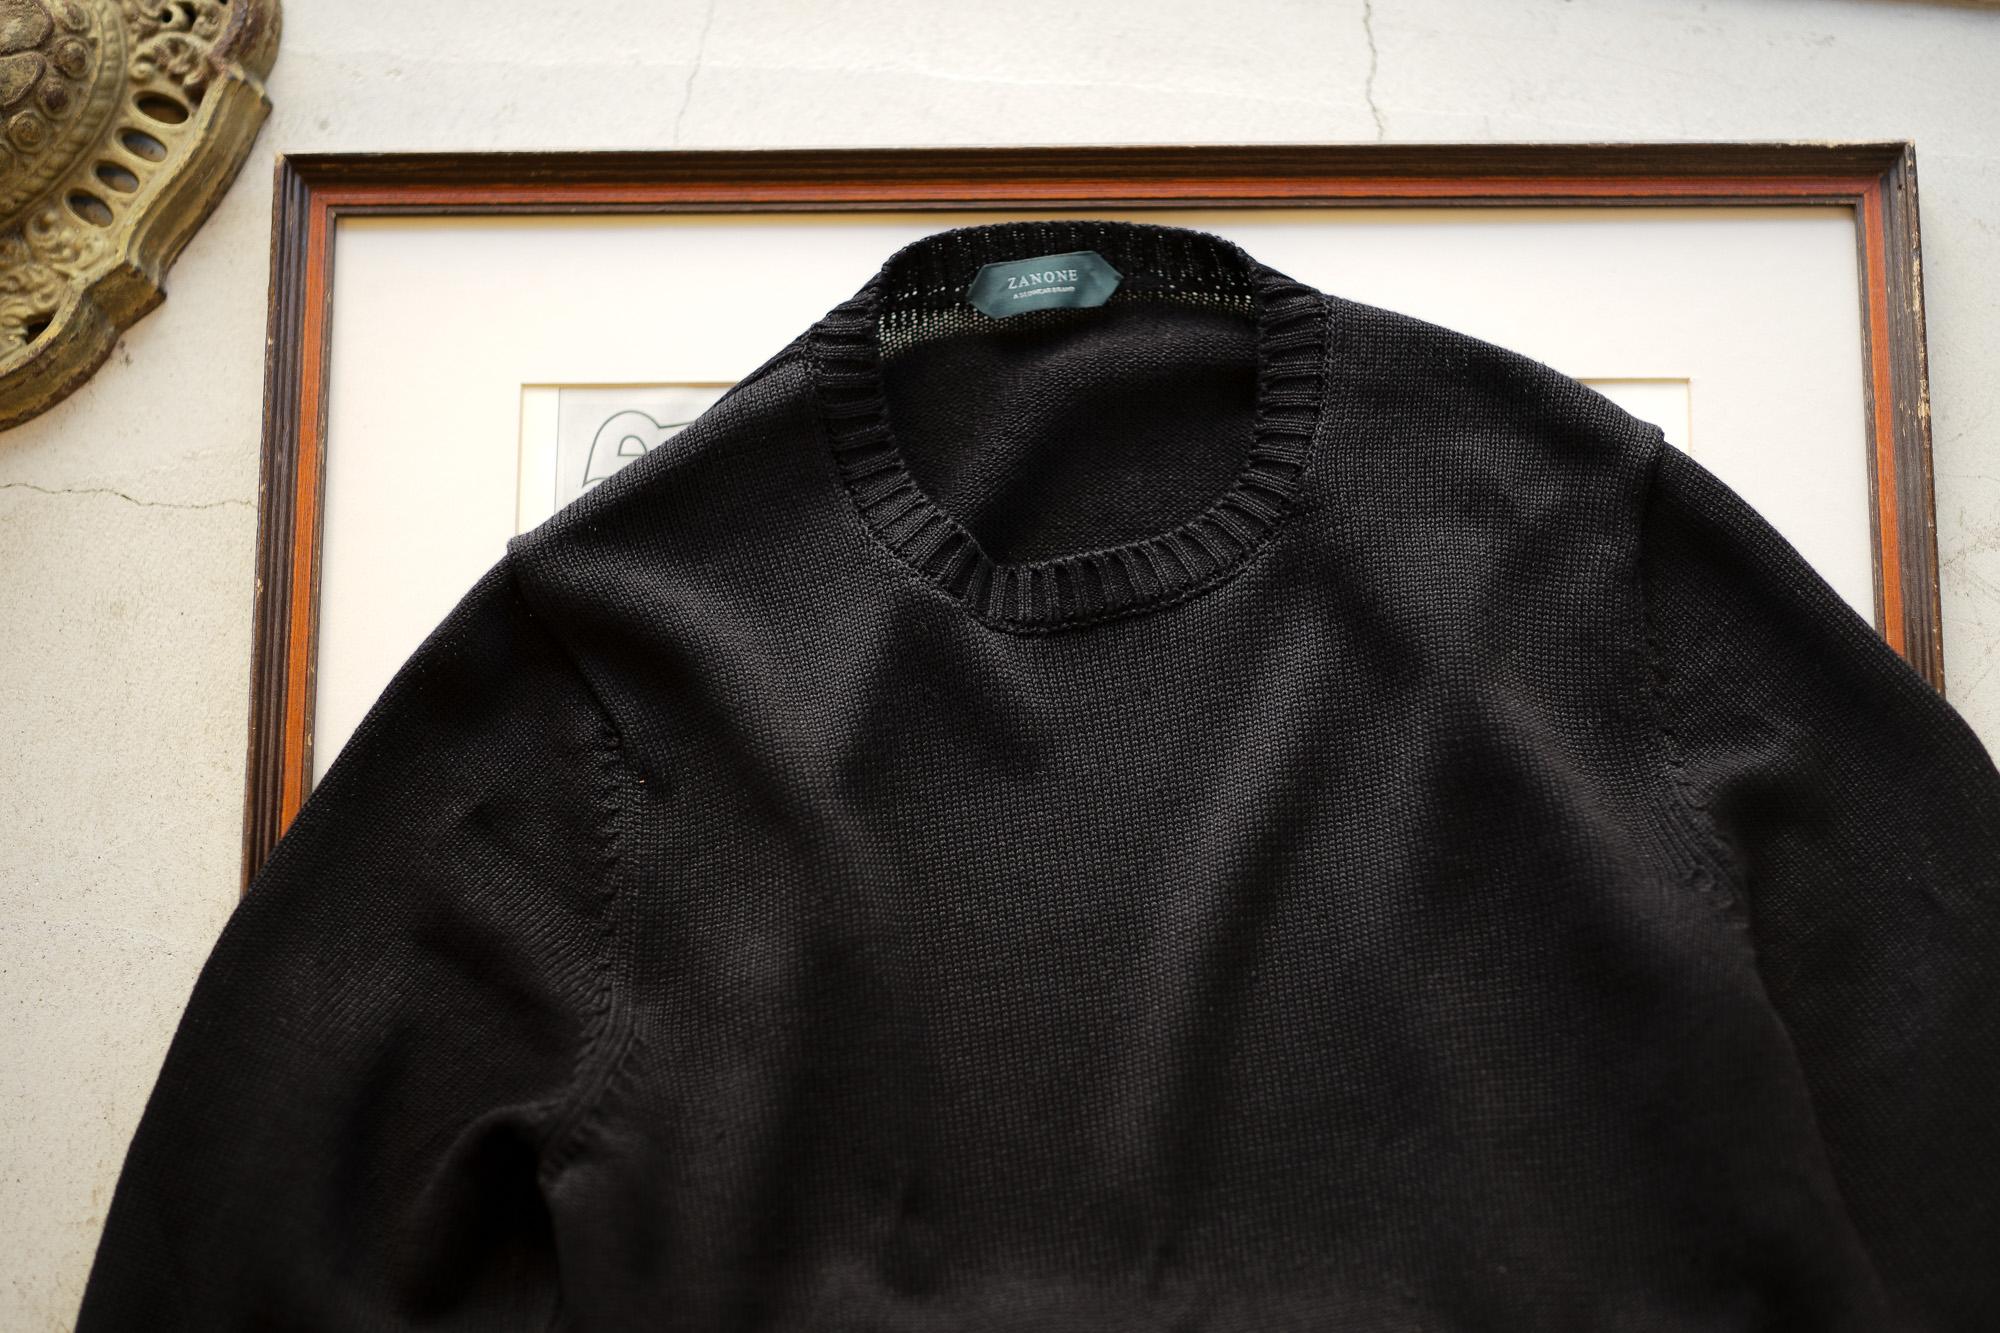 ZANONE(ザノーネ) Crew Neck Sweater (クルーネック セーター) リネンコットン ミドルゲージ サマー ニット セーター BLACK (ブラック・Z0015) made in italy (イタリア製) 2020 春夏新作 愛知 名古屋 altoediritto アルトエデリット